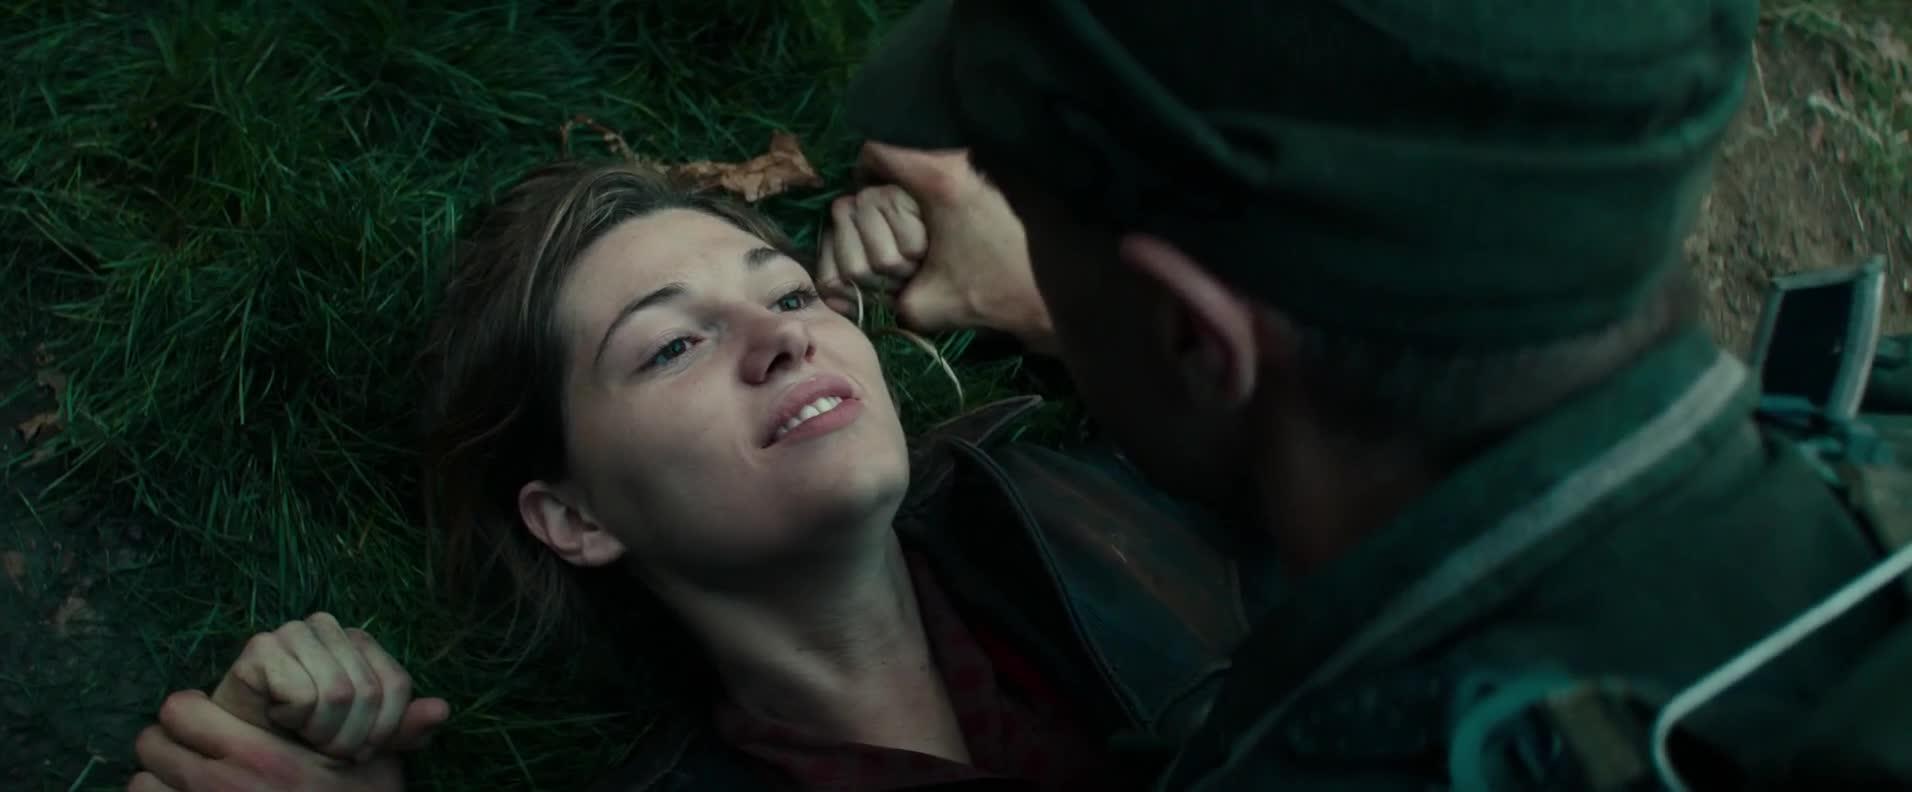 美军用美人计抓德军,让他载着炸药毁掉自己老巢